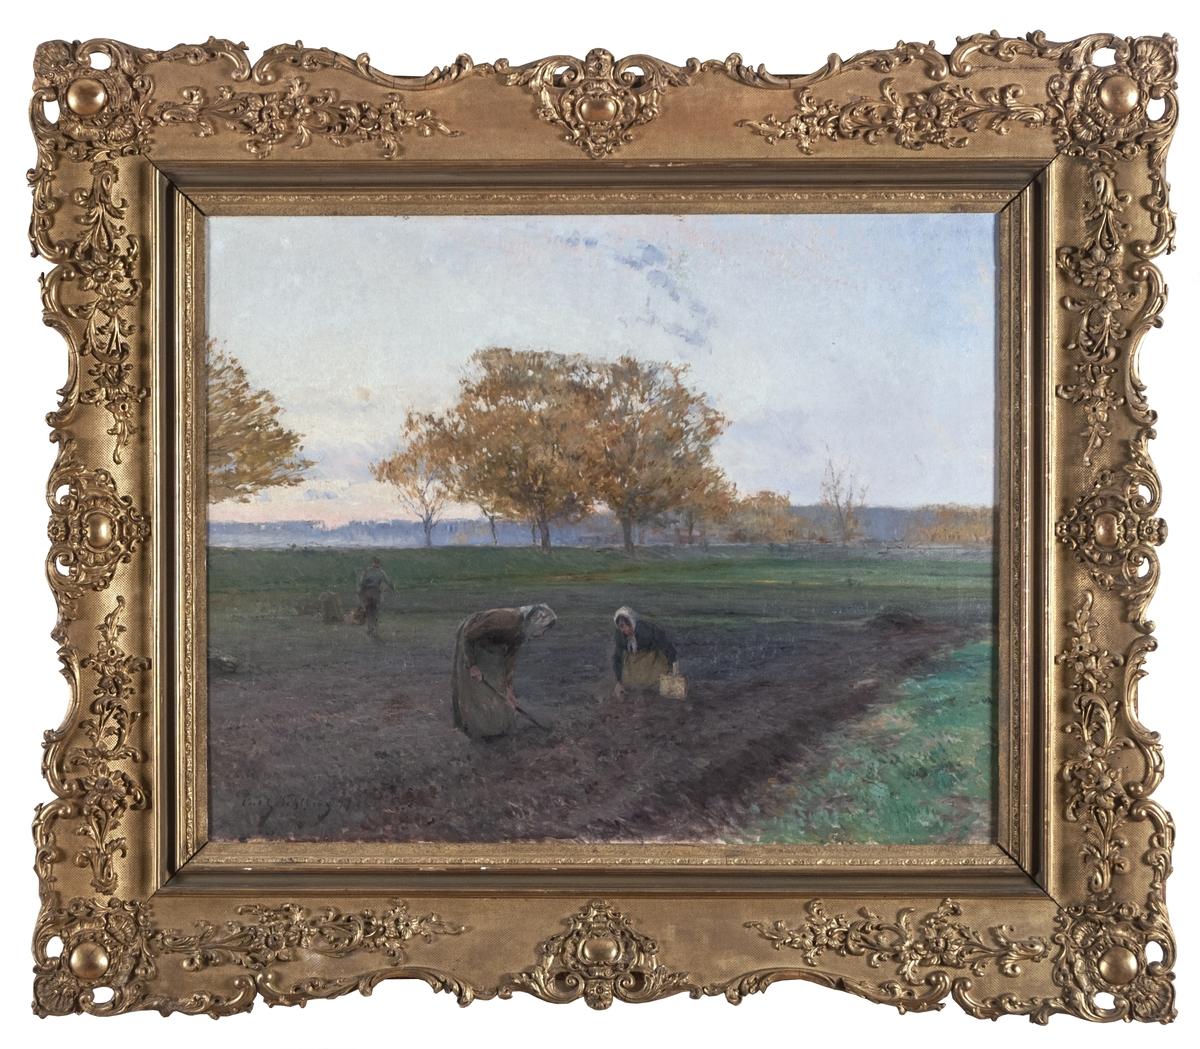 """Tavla med ram. Oljemålning på duk. Motiv: landskap med två lantligt klädda kvinnor på brun åker. Den ene plockar rotfrukter i korg, den andre gräver med redskap. I bakgrunden avlägsnar sig en man in i bilden mot gröna ängar och höstgula träd. Övre halvan av bilden utgörs av disig, blåvit himmel.  Kompositionen triangulär. Signerad nere till vänster: """"Carl G Sehlberg 94"""". Bronserad originalram av trä, profilerad med riklig ornamentik av akantusblad runt ramen."""